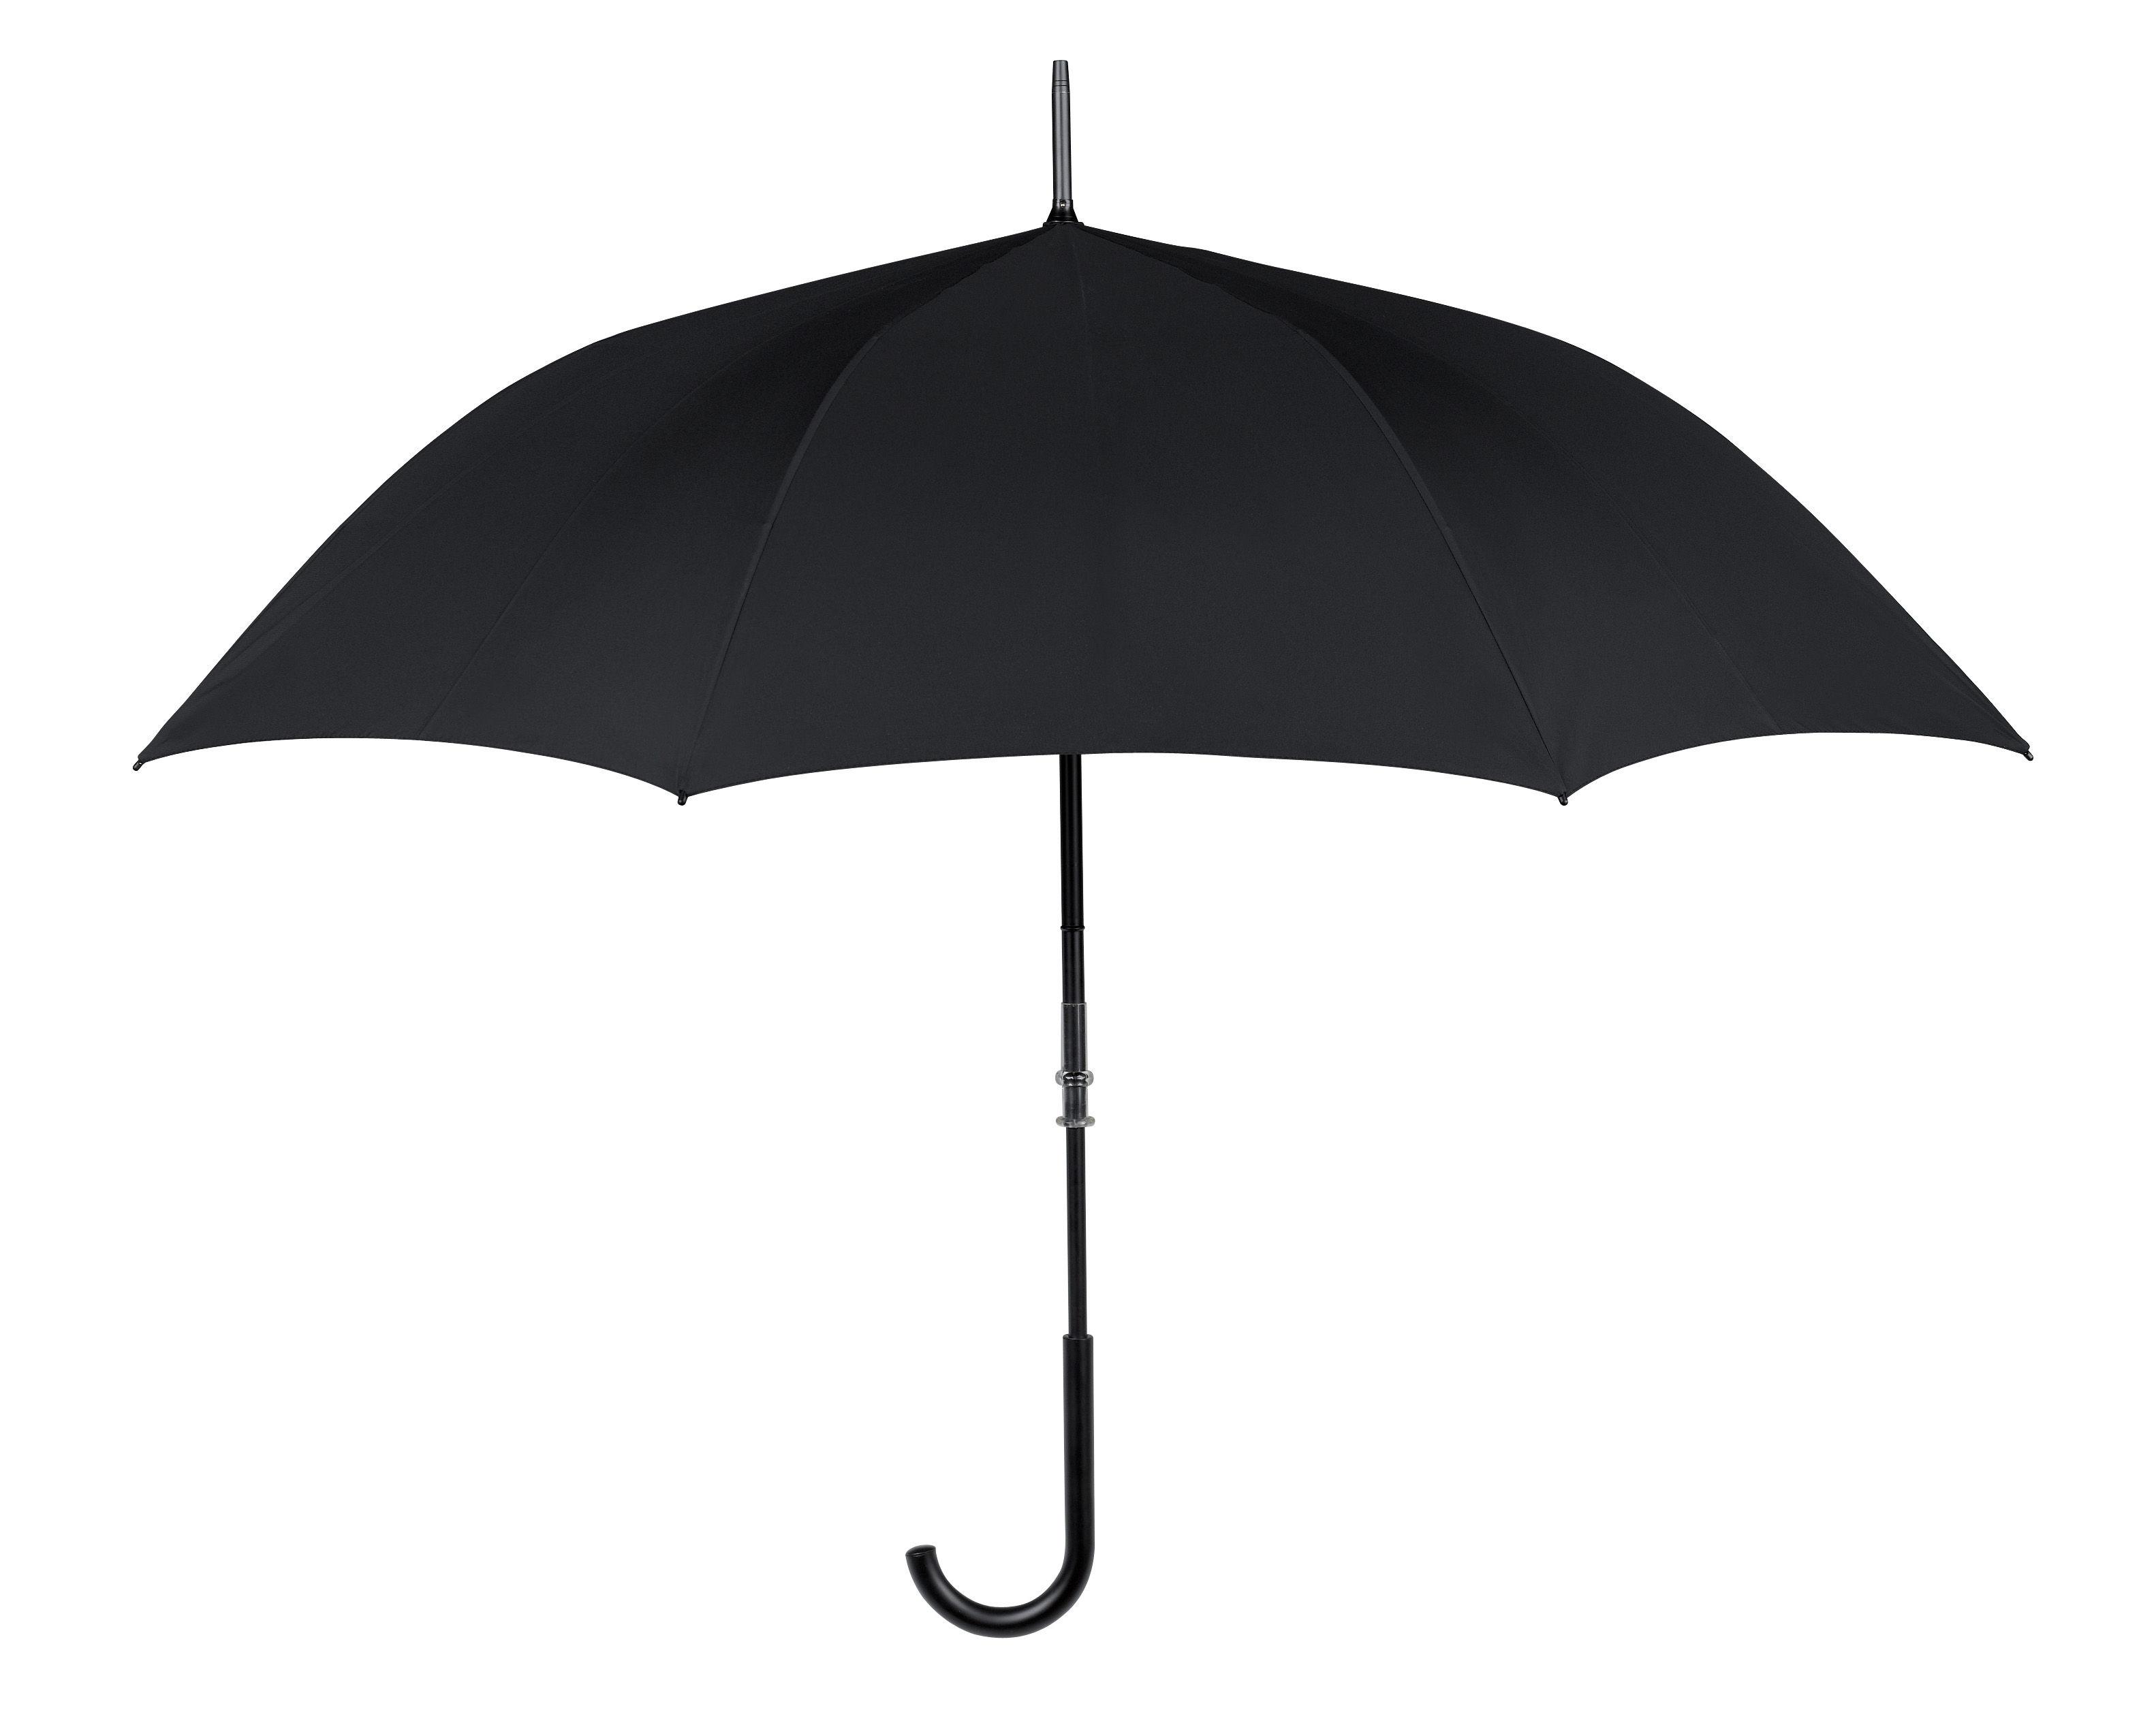 Coloriage parapluie imprimer - Coloriage divers a imprimer ...